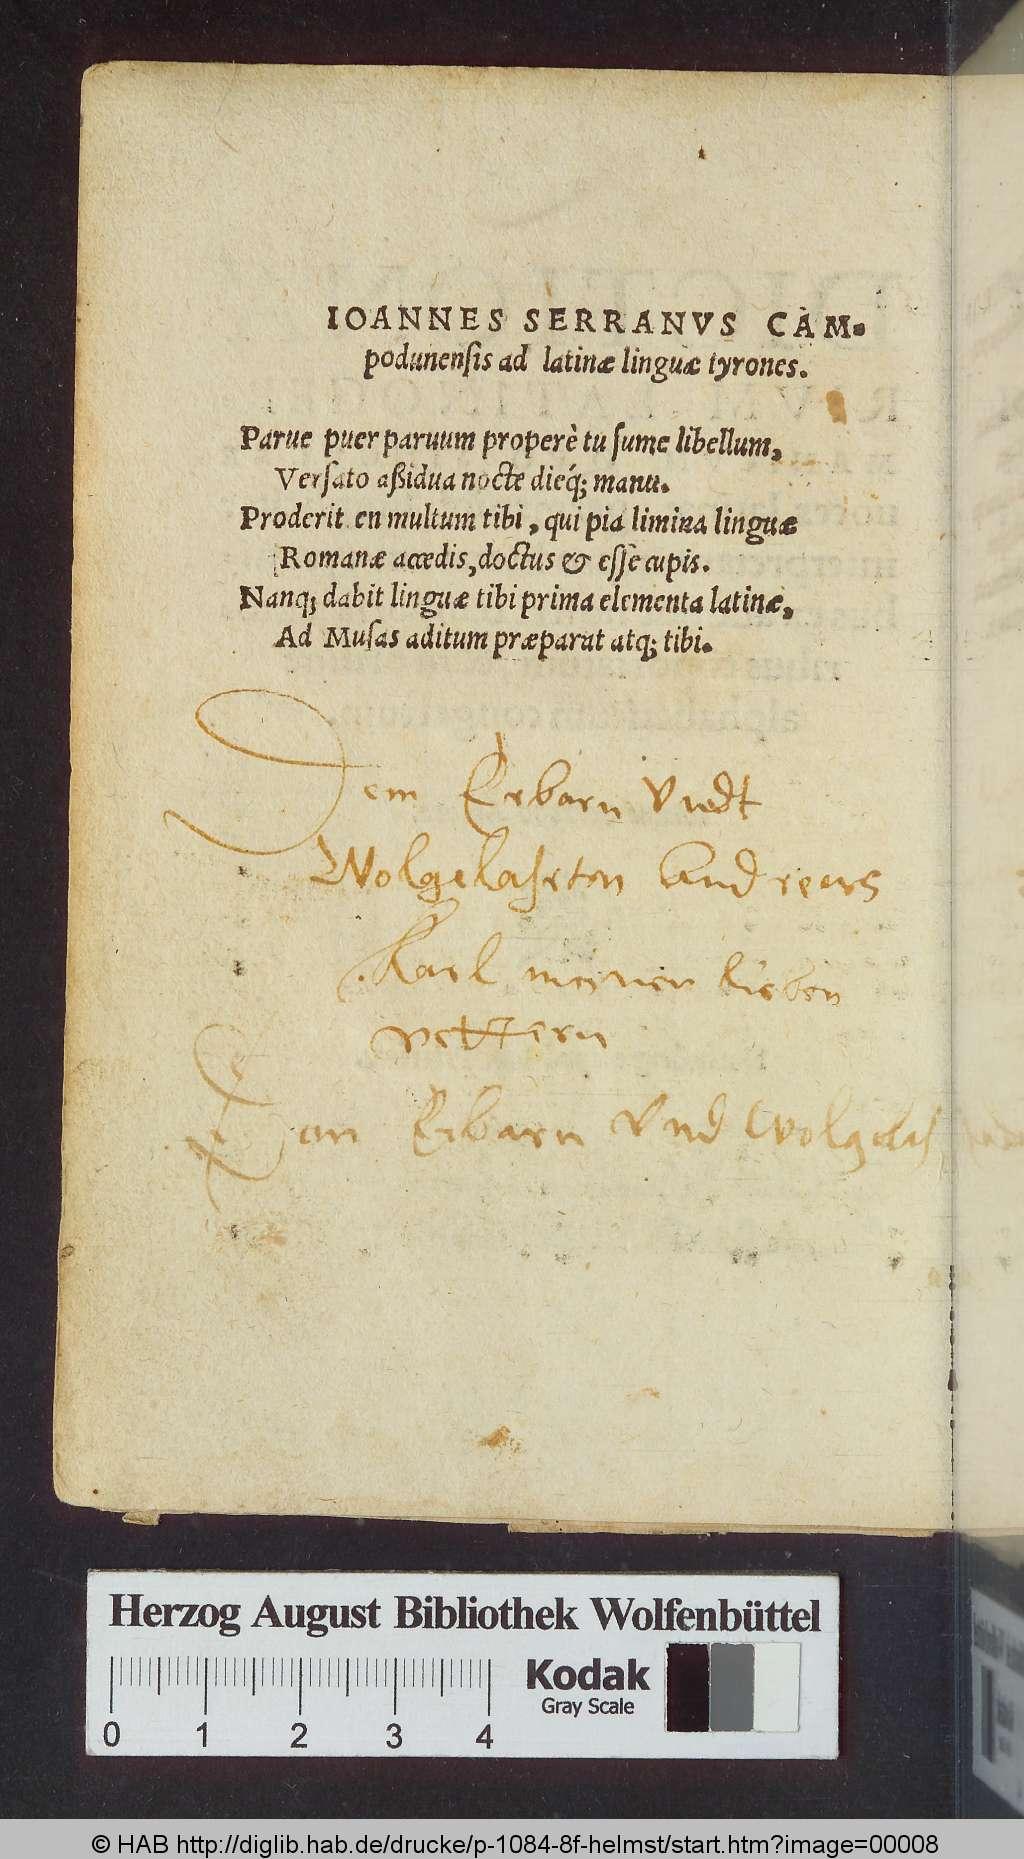 http://diglib.hab.de/drucke/p-1084-8f-helmst/00008.jpg